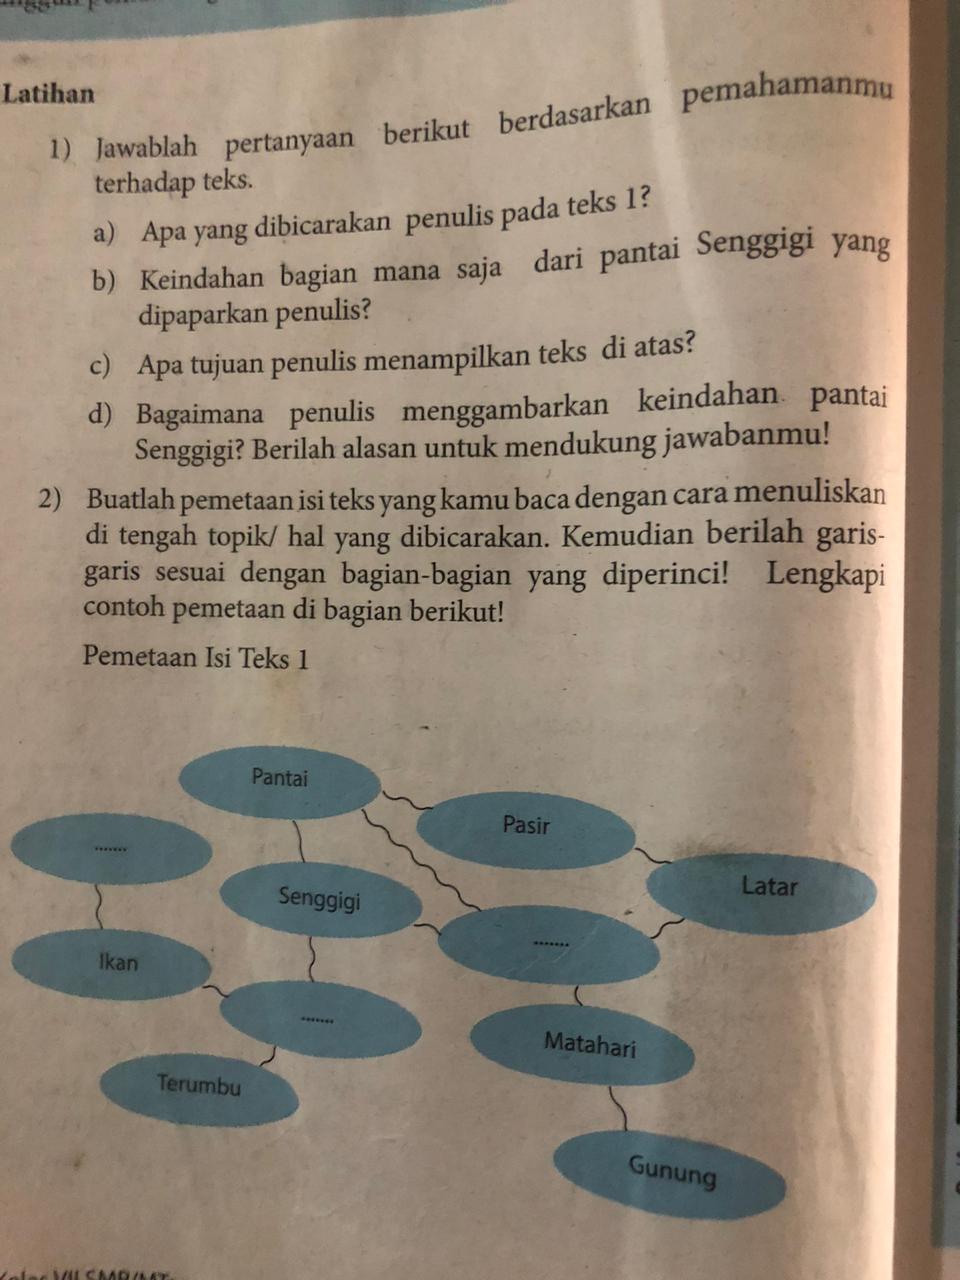 Pr Halaman 14 Bahasa Indonesia Kelas 7 Semester 1 Tolong Dijawab Ya Karna Mau Di Kumpul Brainly Co Id